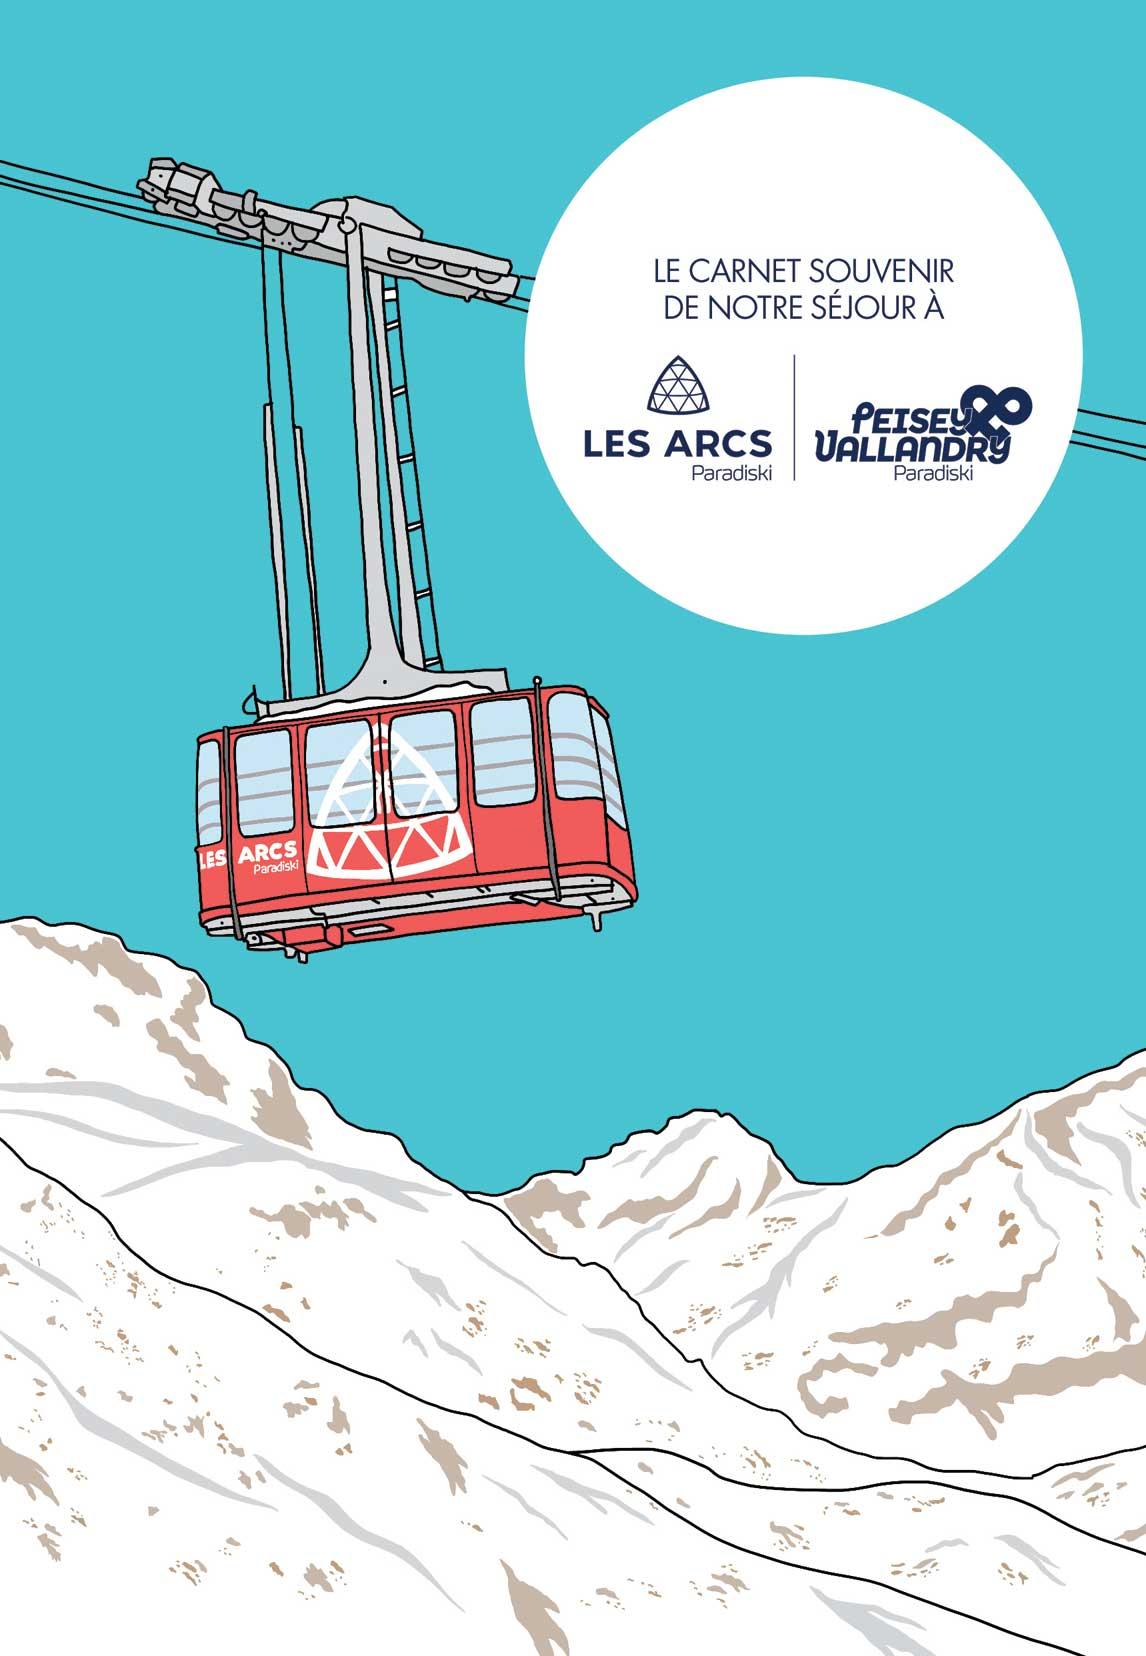 carnet de voyage accueil station de ski